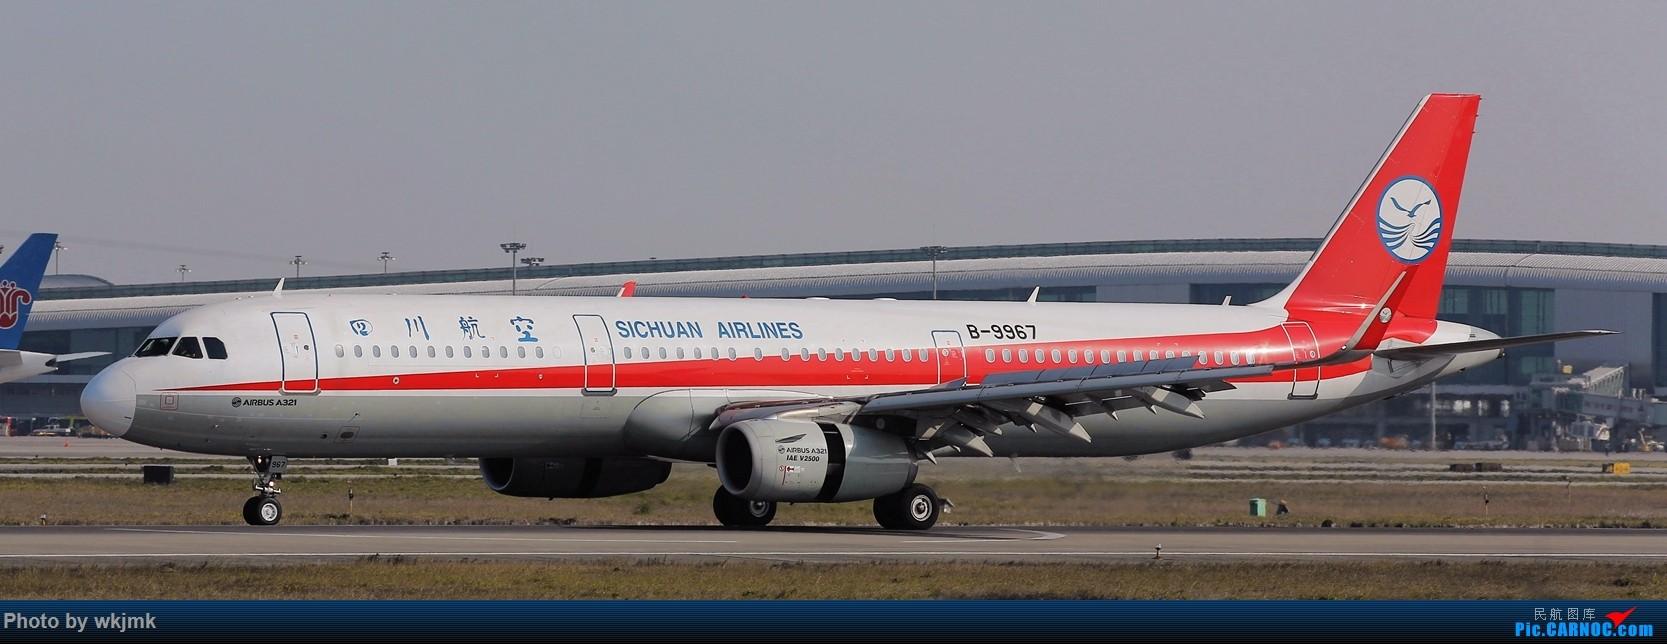 Re:[原创]广州拍即之旅 AIRBUS A321-200 B-9967 中国广州白云国际机场